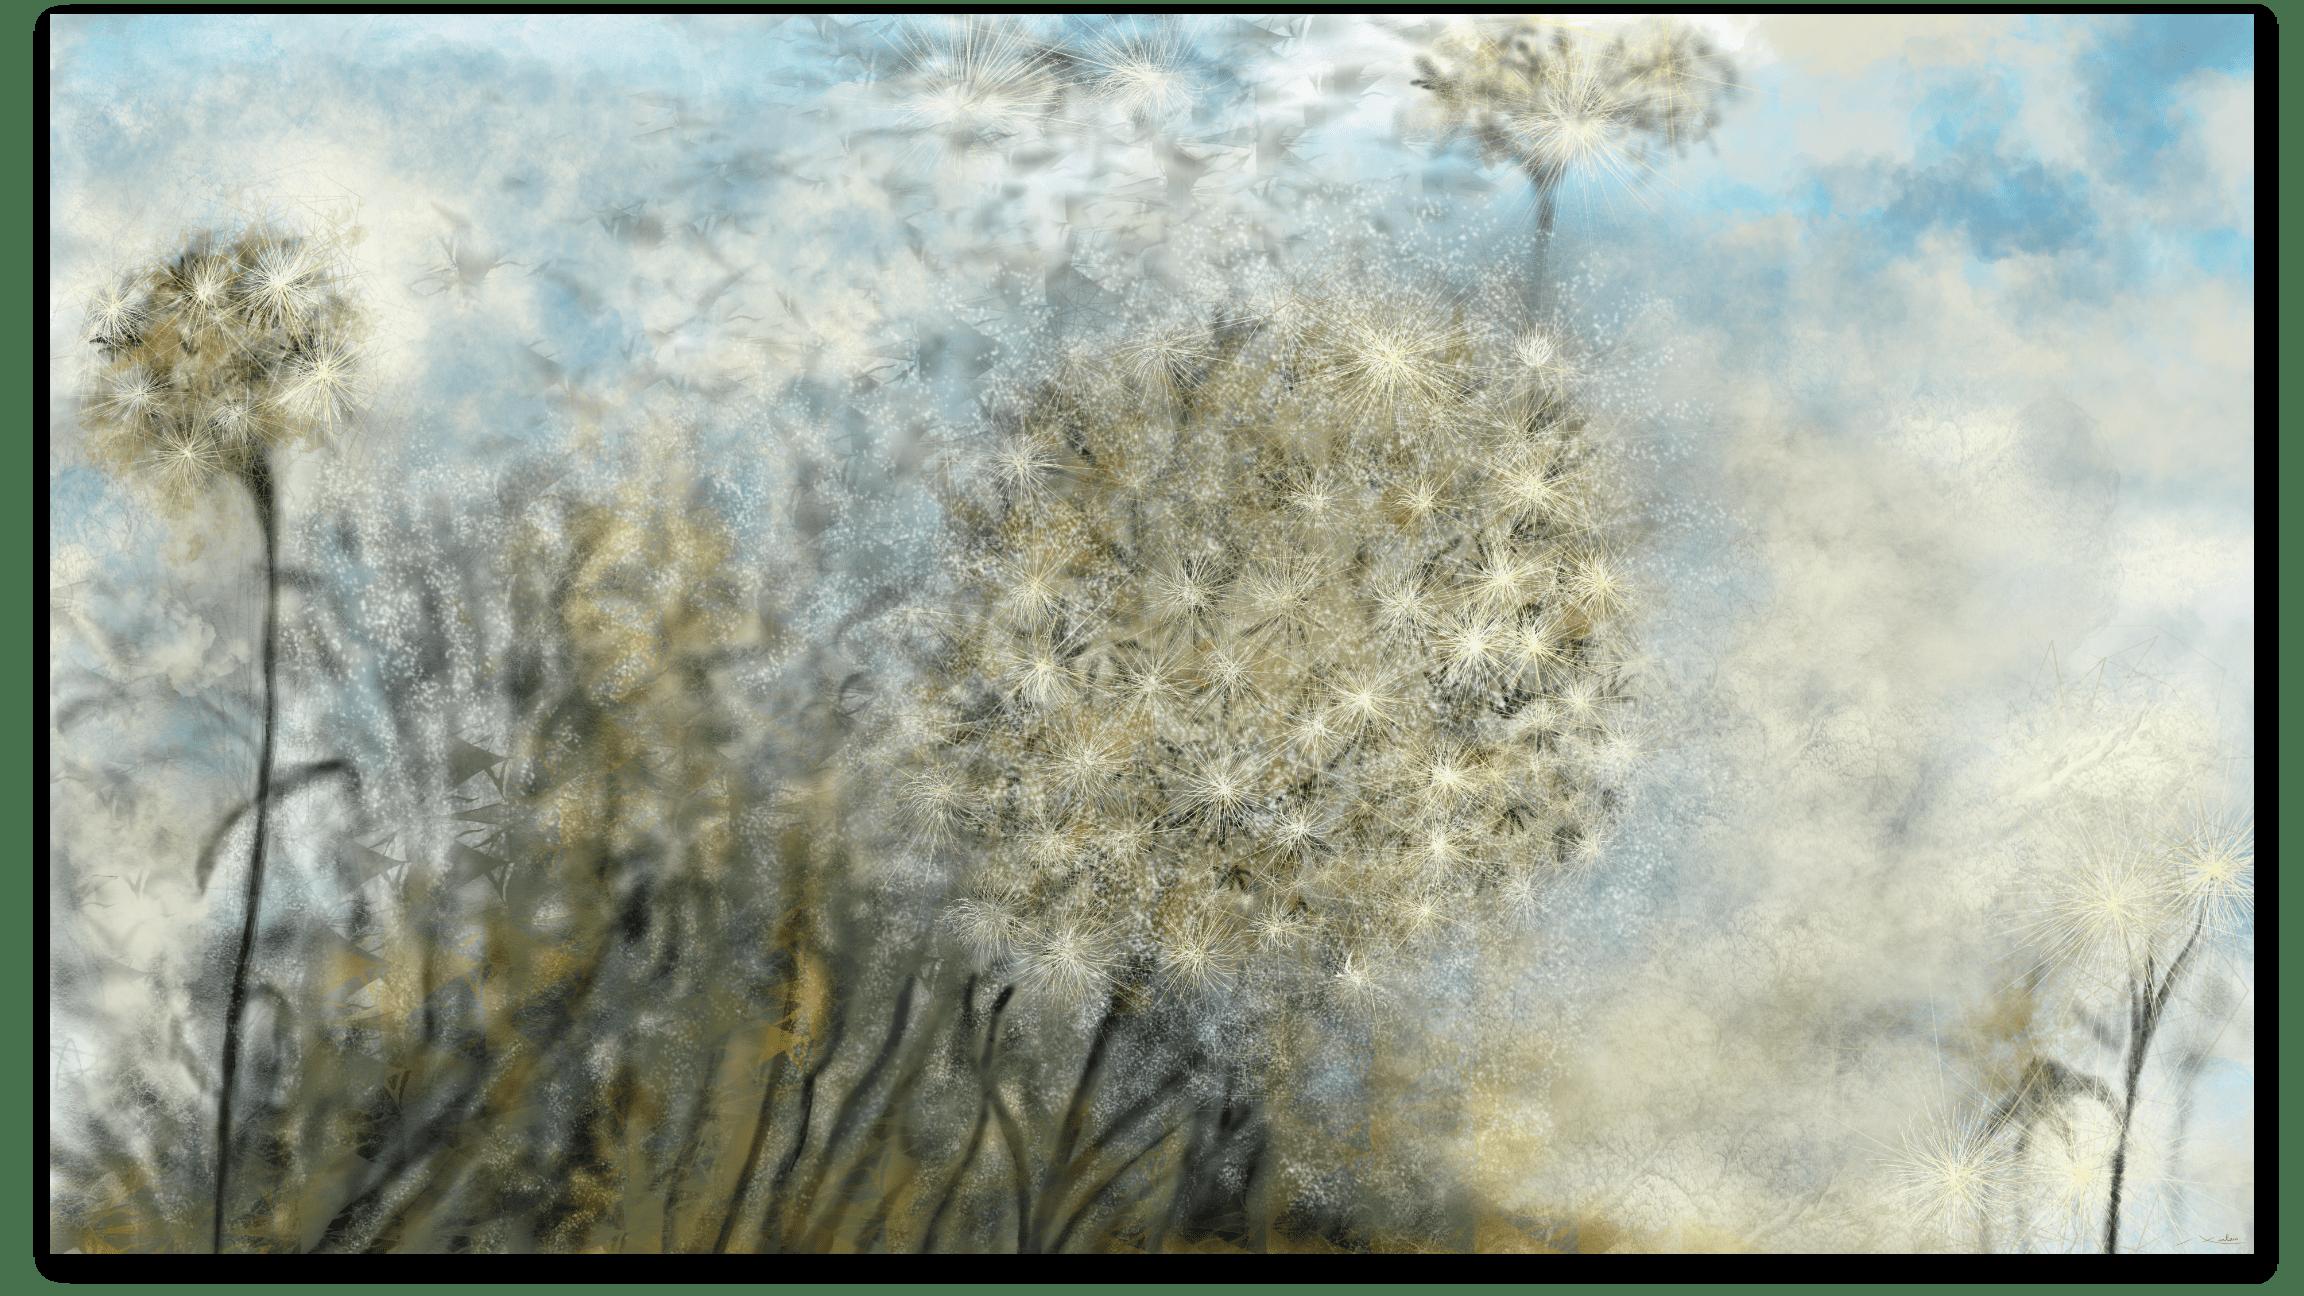 Ce qui est en vous est infini, occupe la demeure céleste, dont la porte est la brume matinale, et dont les fenêtres sont les chants et les silences de la nuit. —Khalil Gibran